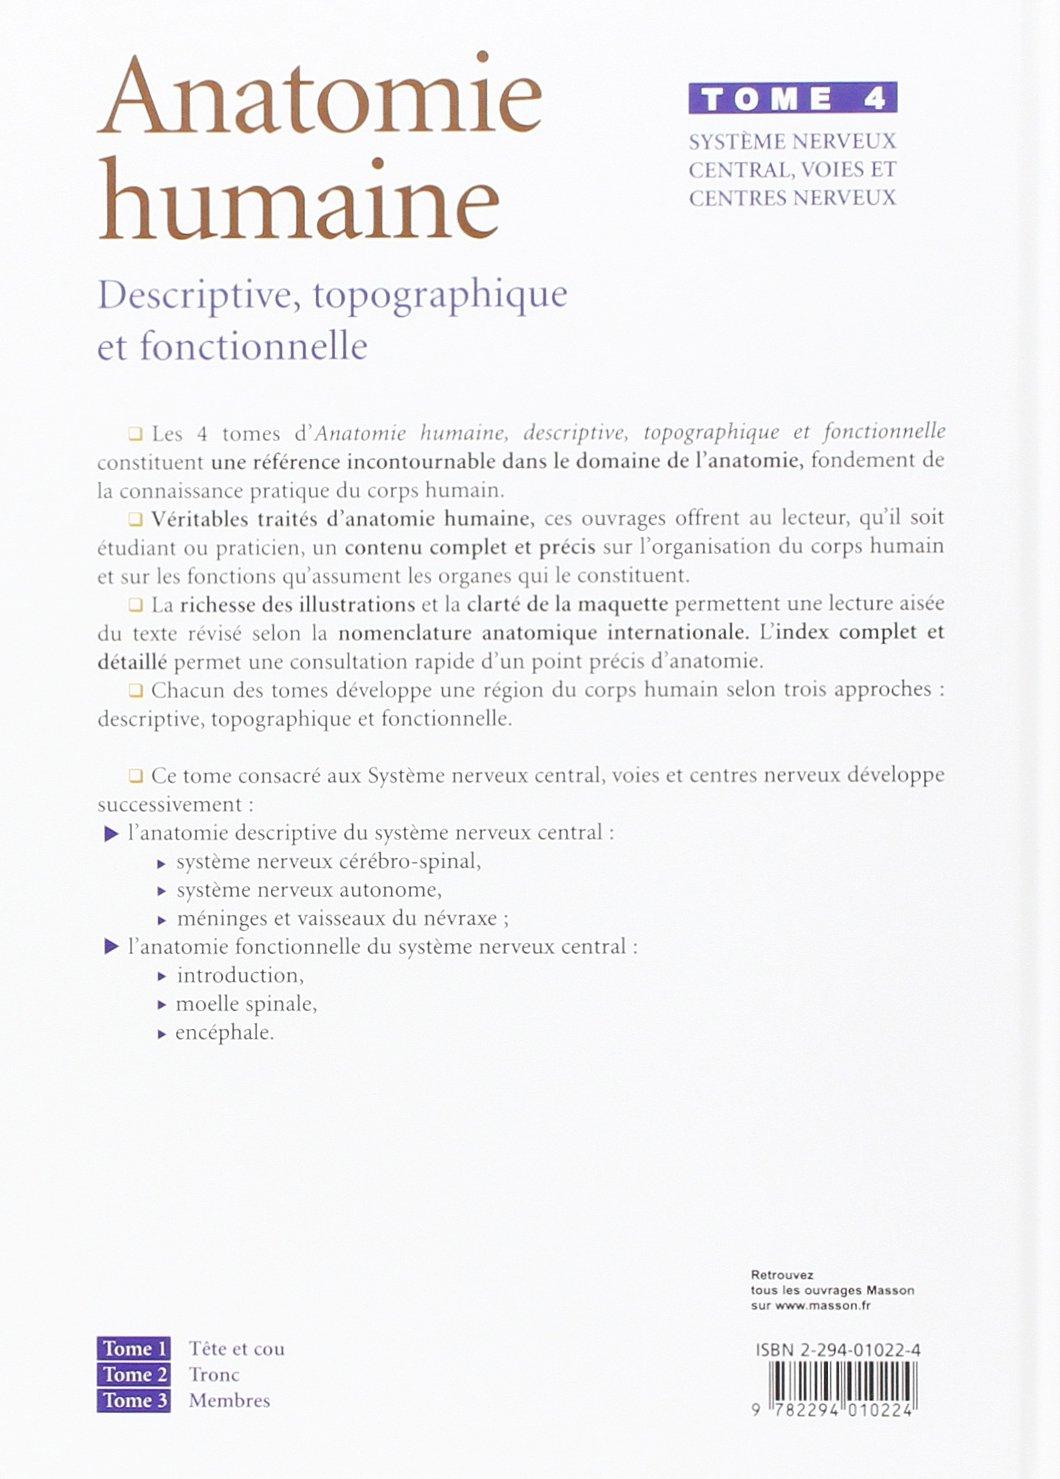 Anatomie humaine descriptive topographique et fonctionnelle, tome 4 ...